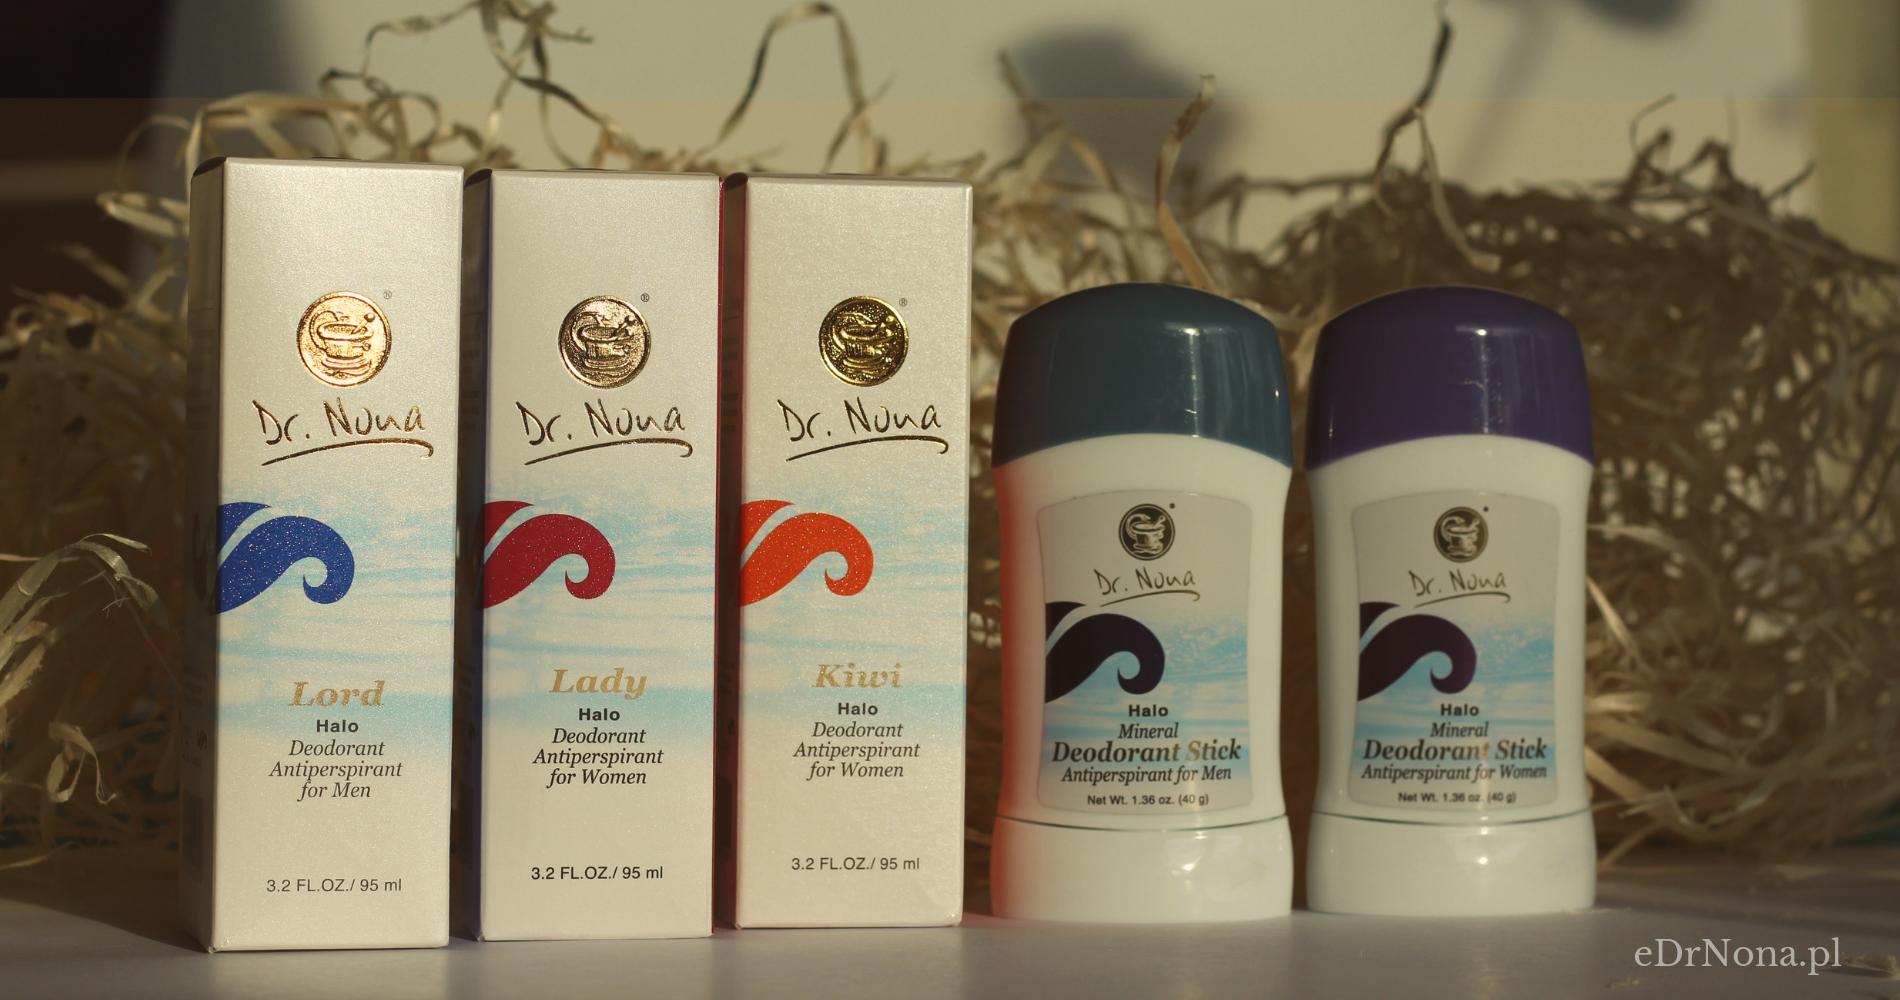 dezodoranty sklep.edrnona.pl